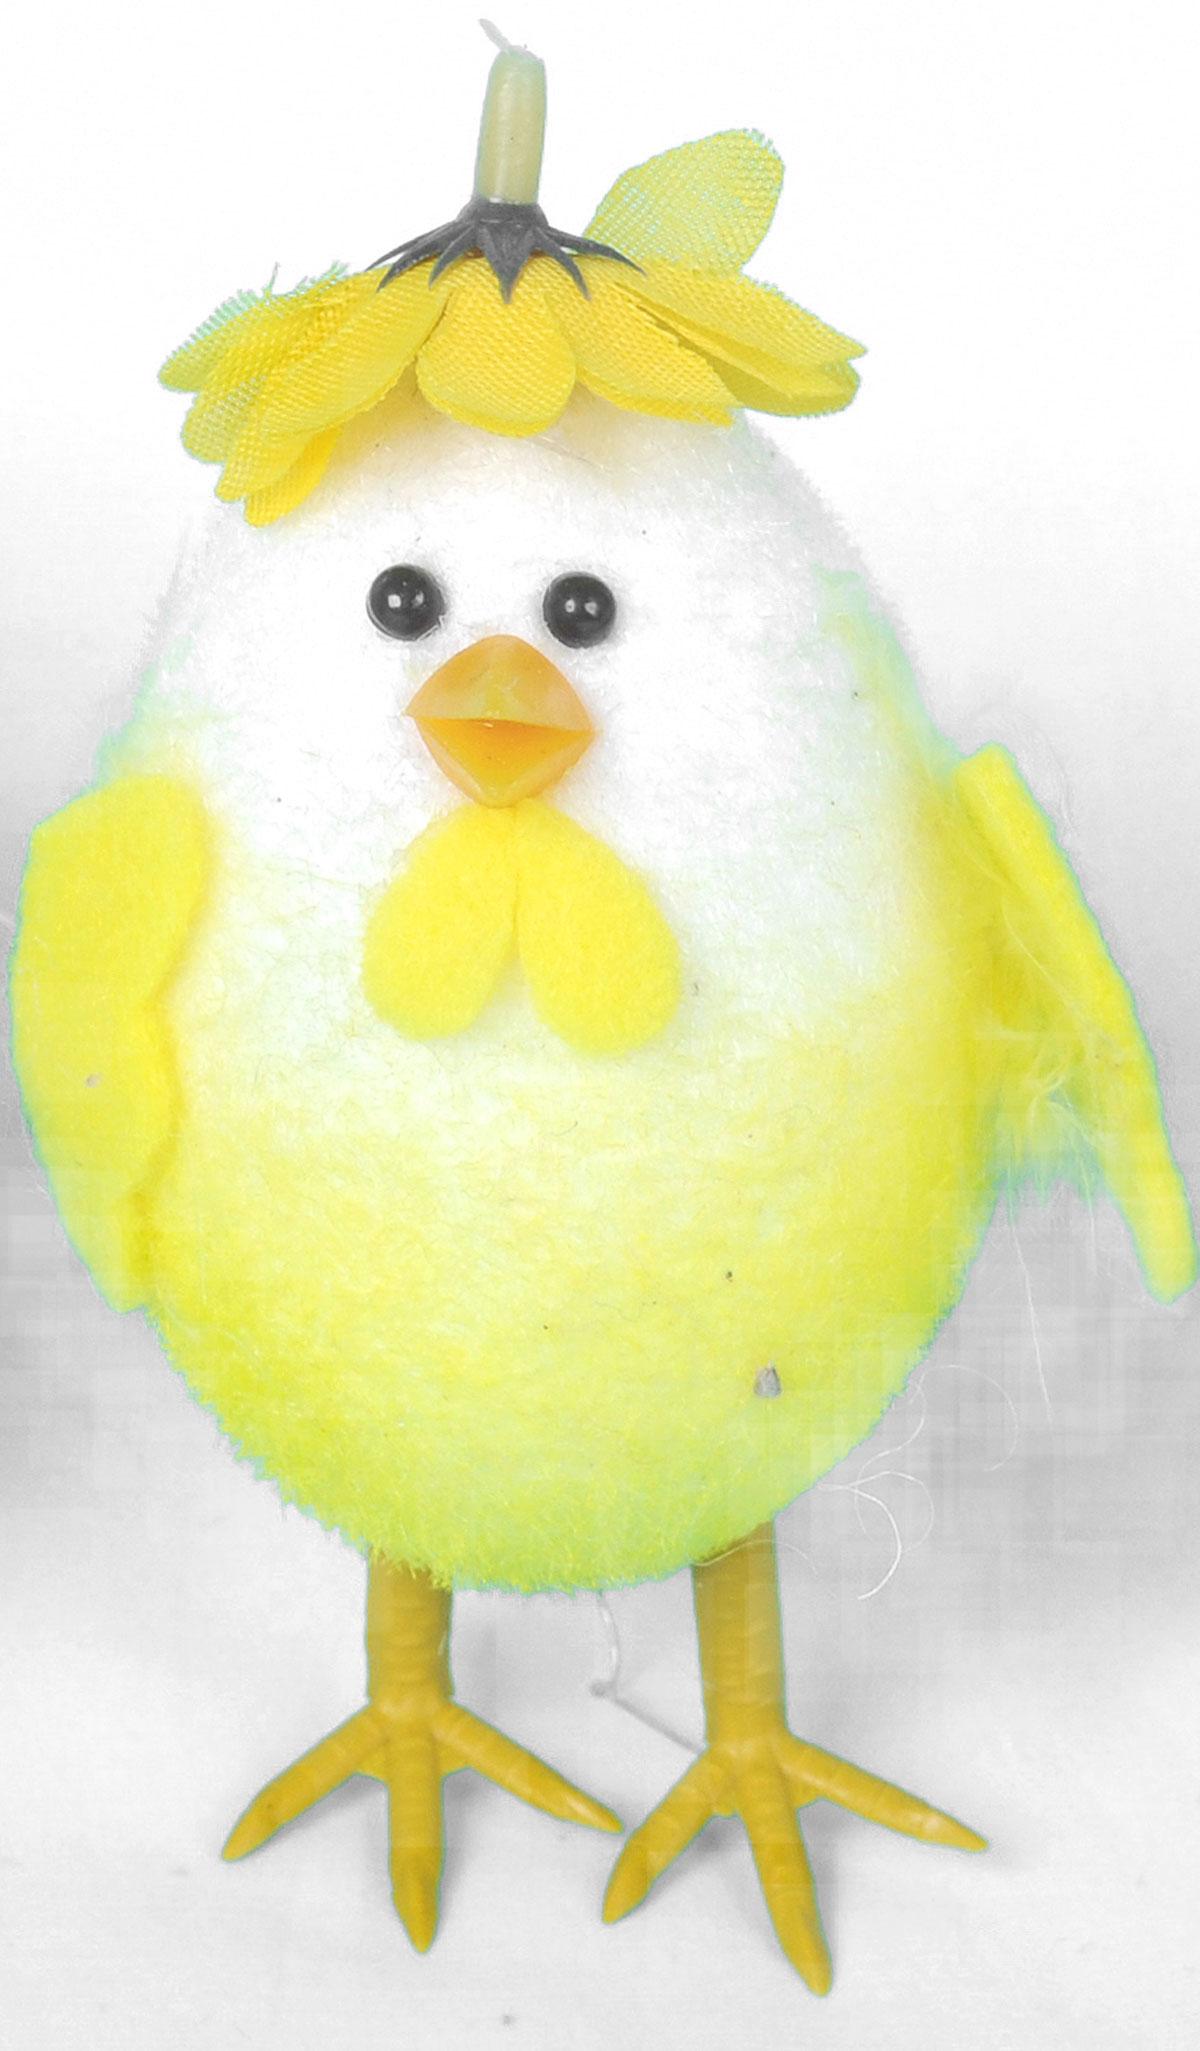 Декоративное украшение Home Queen Приветливый цыпленок, цвет: желтый, 8 х 11 см60838_1Декоративное украшение Home Queen Приветливый цыпленок выполнено из пенопласта и полиэстера в виде забавного цыпленка. Такое украшение прекрасно оформит интерьер дома или станет замечательным подарком для друзей и близких на Пасху. Размер: 8 см х 11 см х 5 см.